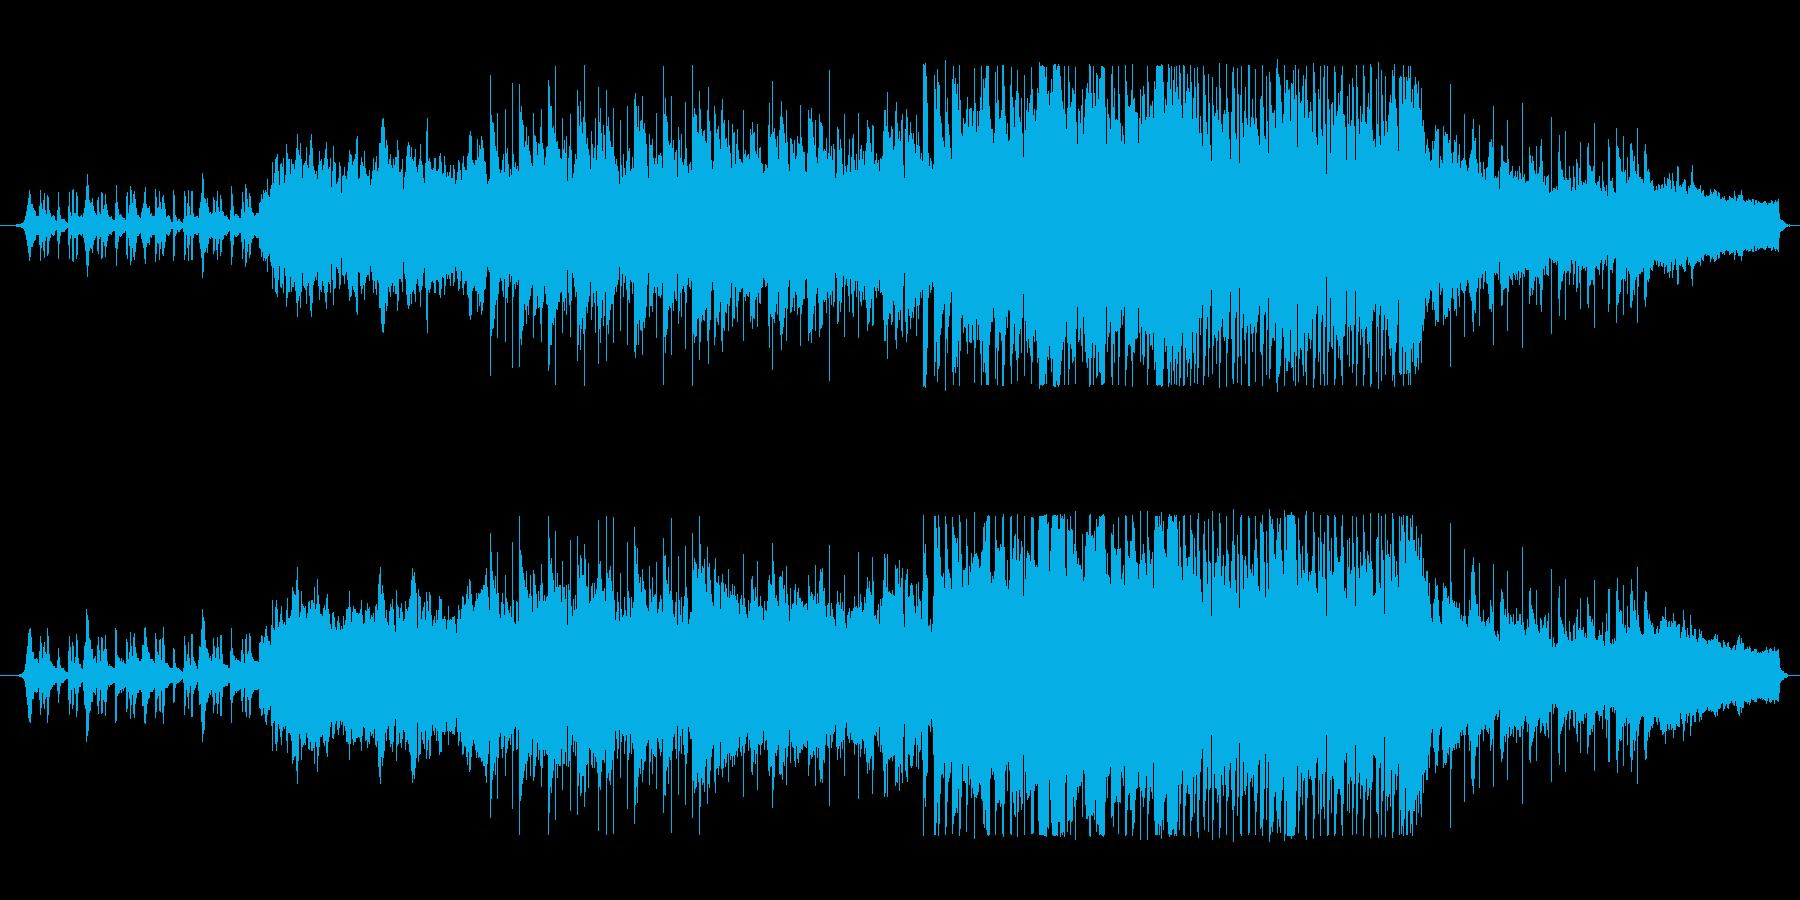 爽やかファンタジーな管楽器シンセサウンドの再生済みの波形